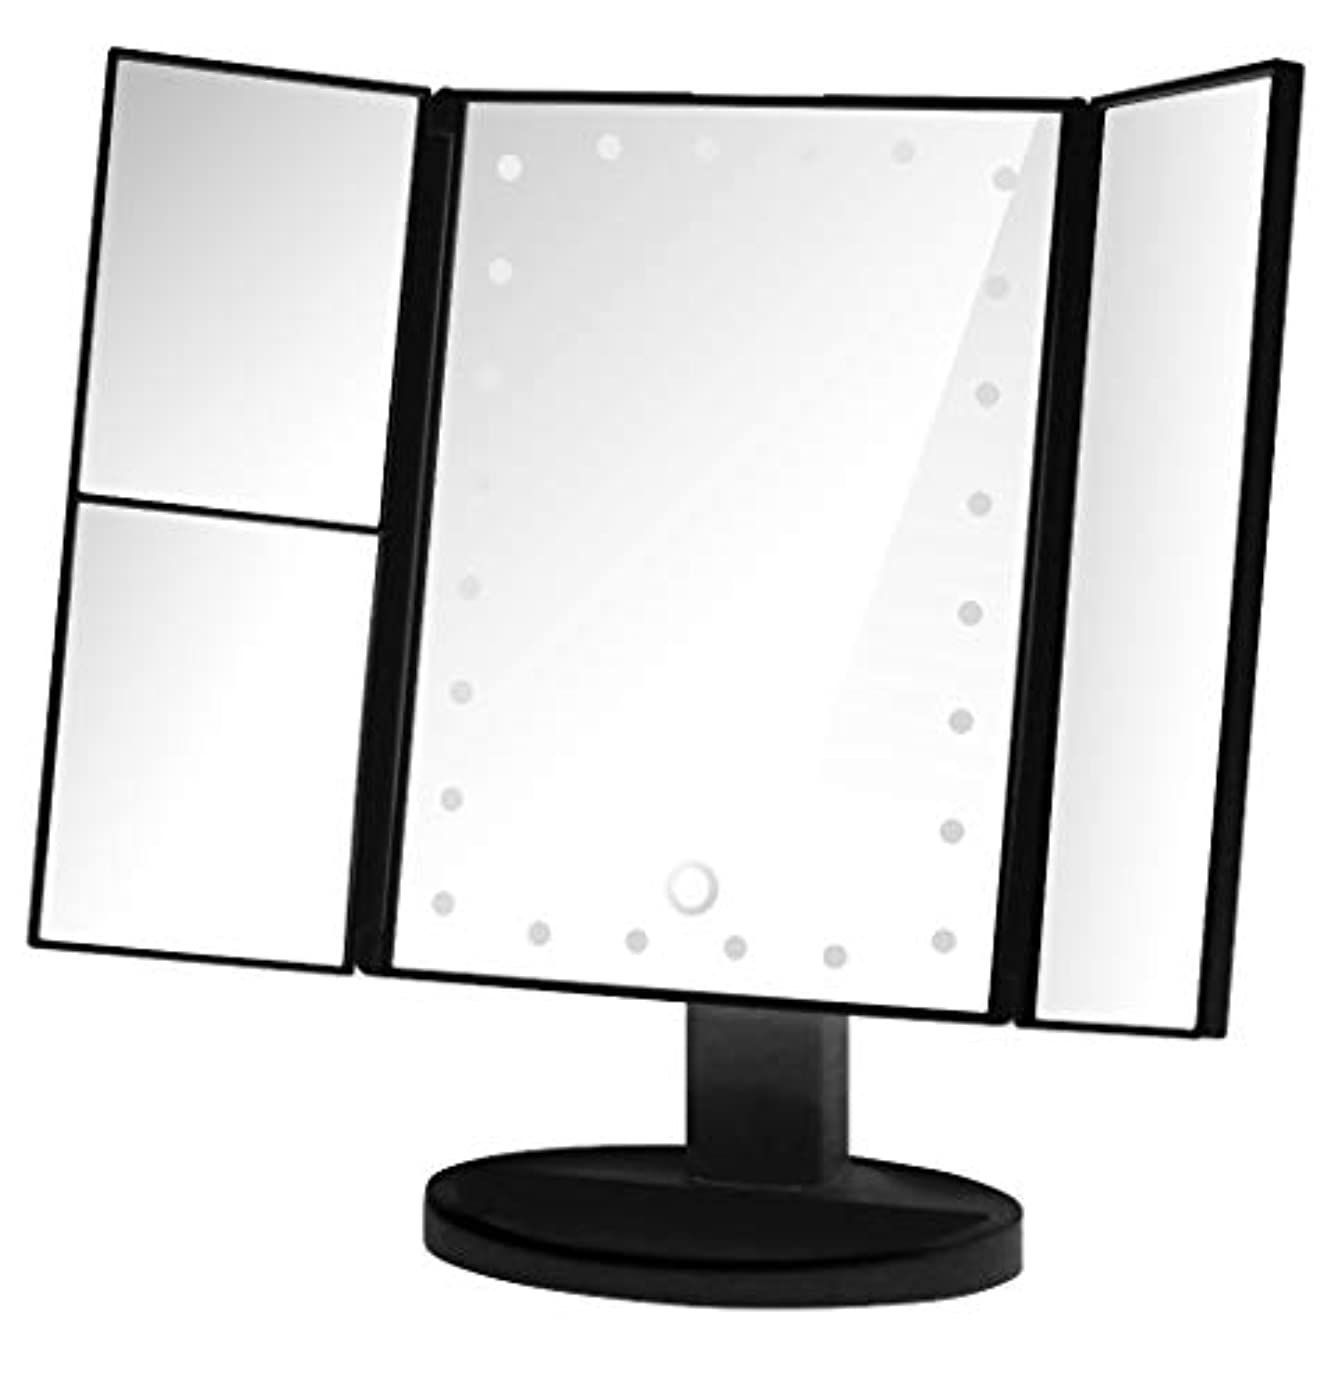 カメ出撃者溶接化粧鏡 LED 三面鏡 卓上鏡 鏡 拡大鏡付き ライト付きメイクアップ用卓上ミラー (ブラック)